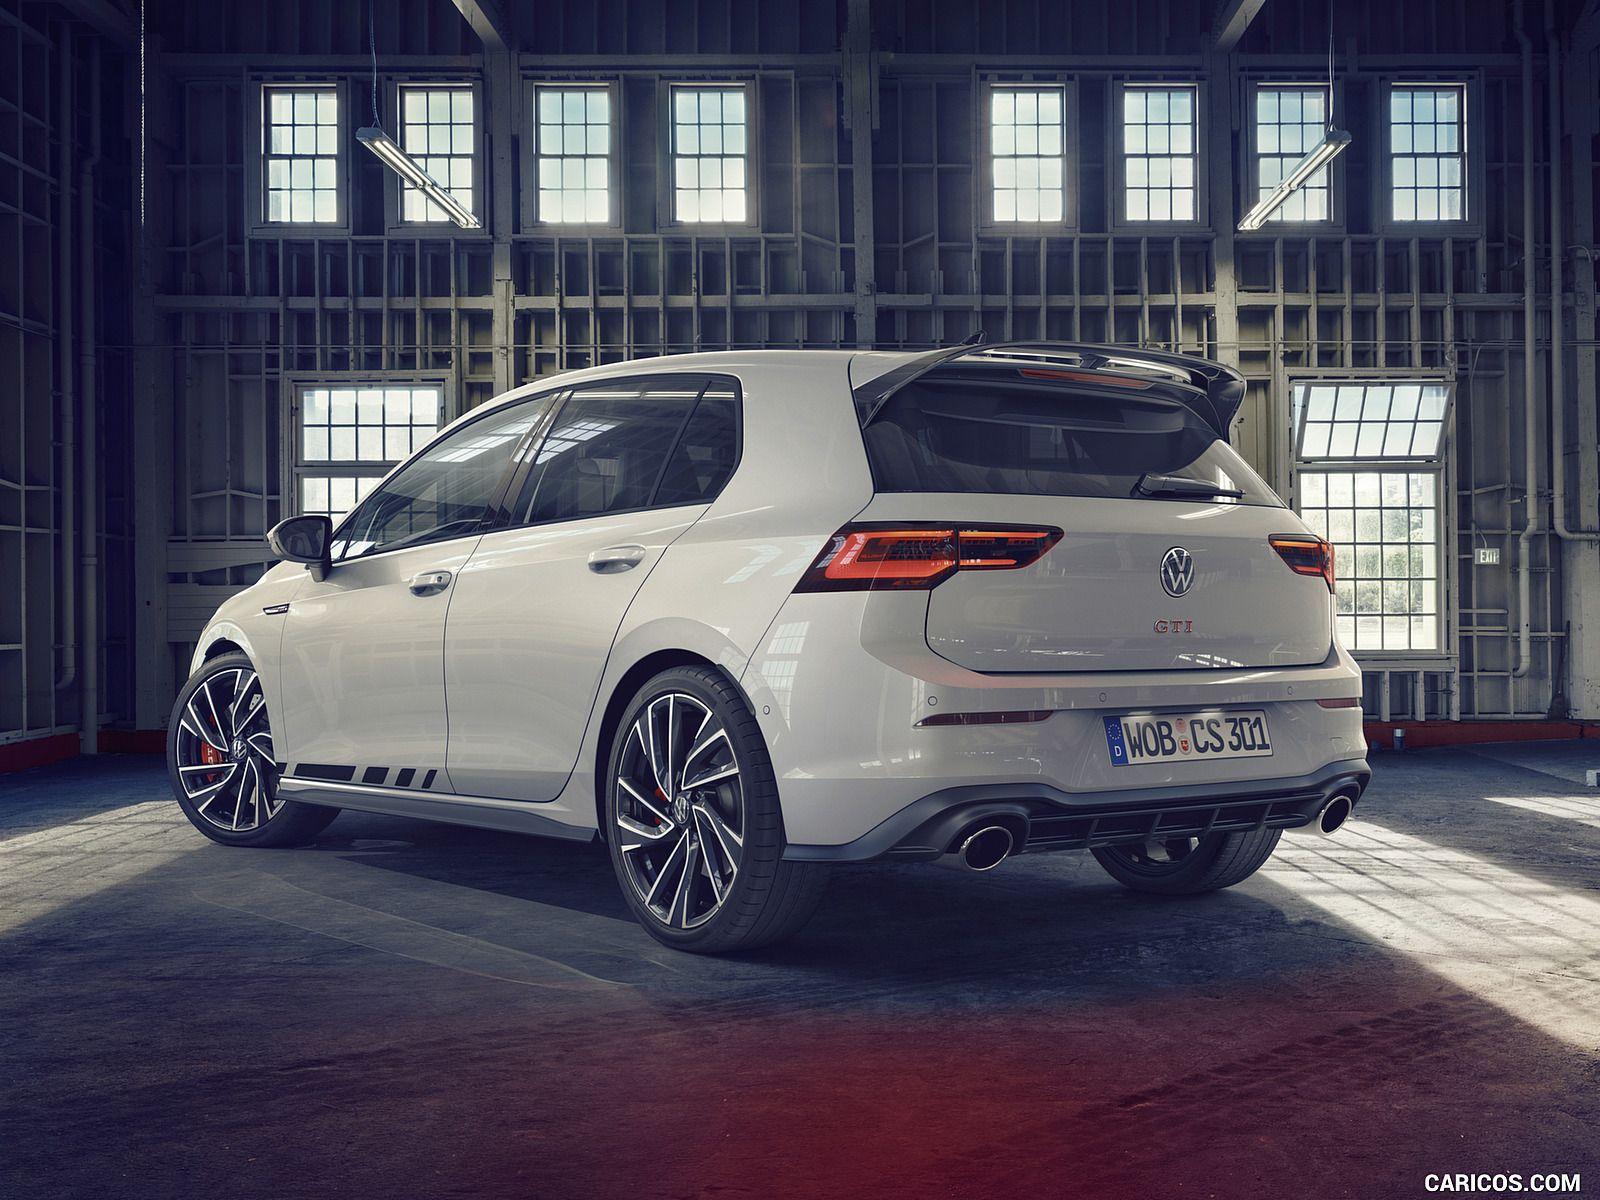 2021 Volkswagen Golf Gti Clubsport Volkswagen Polo Gti Volkswagen Gti Volkswagen